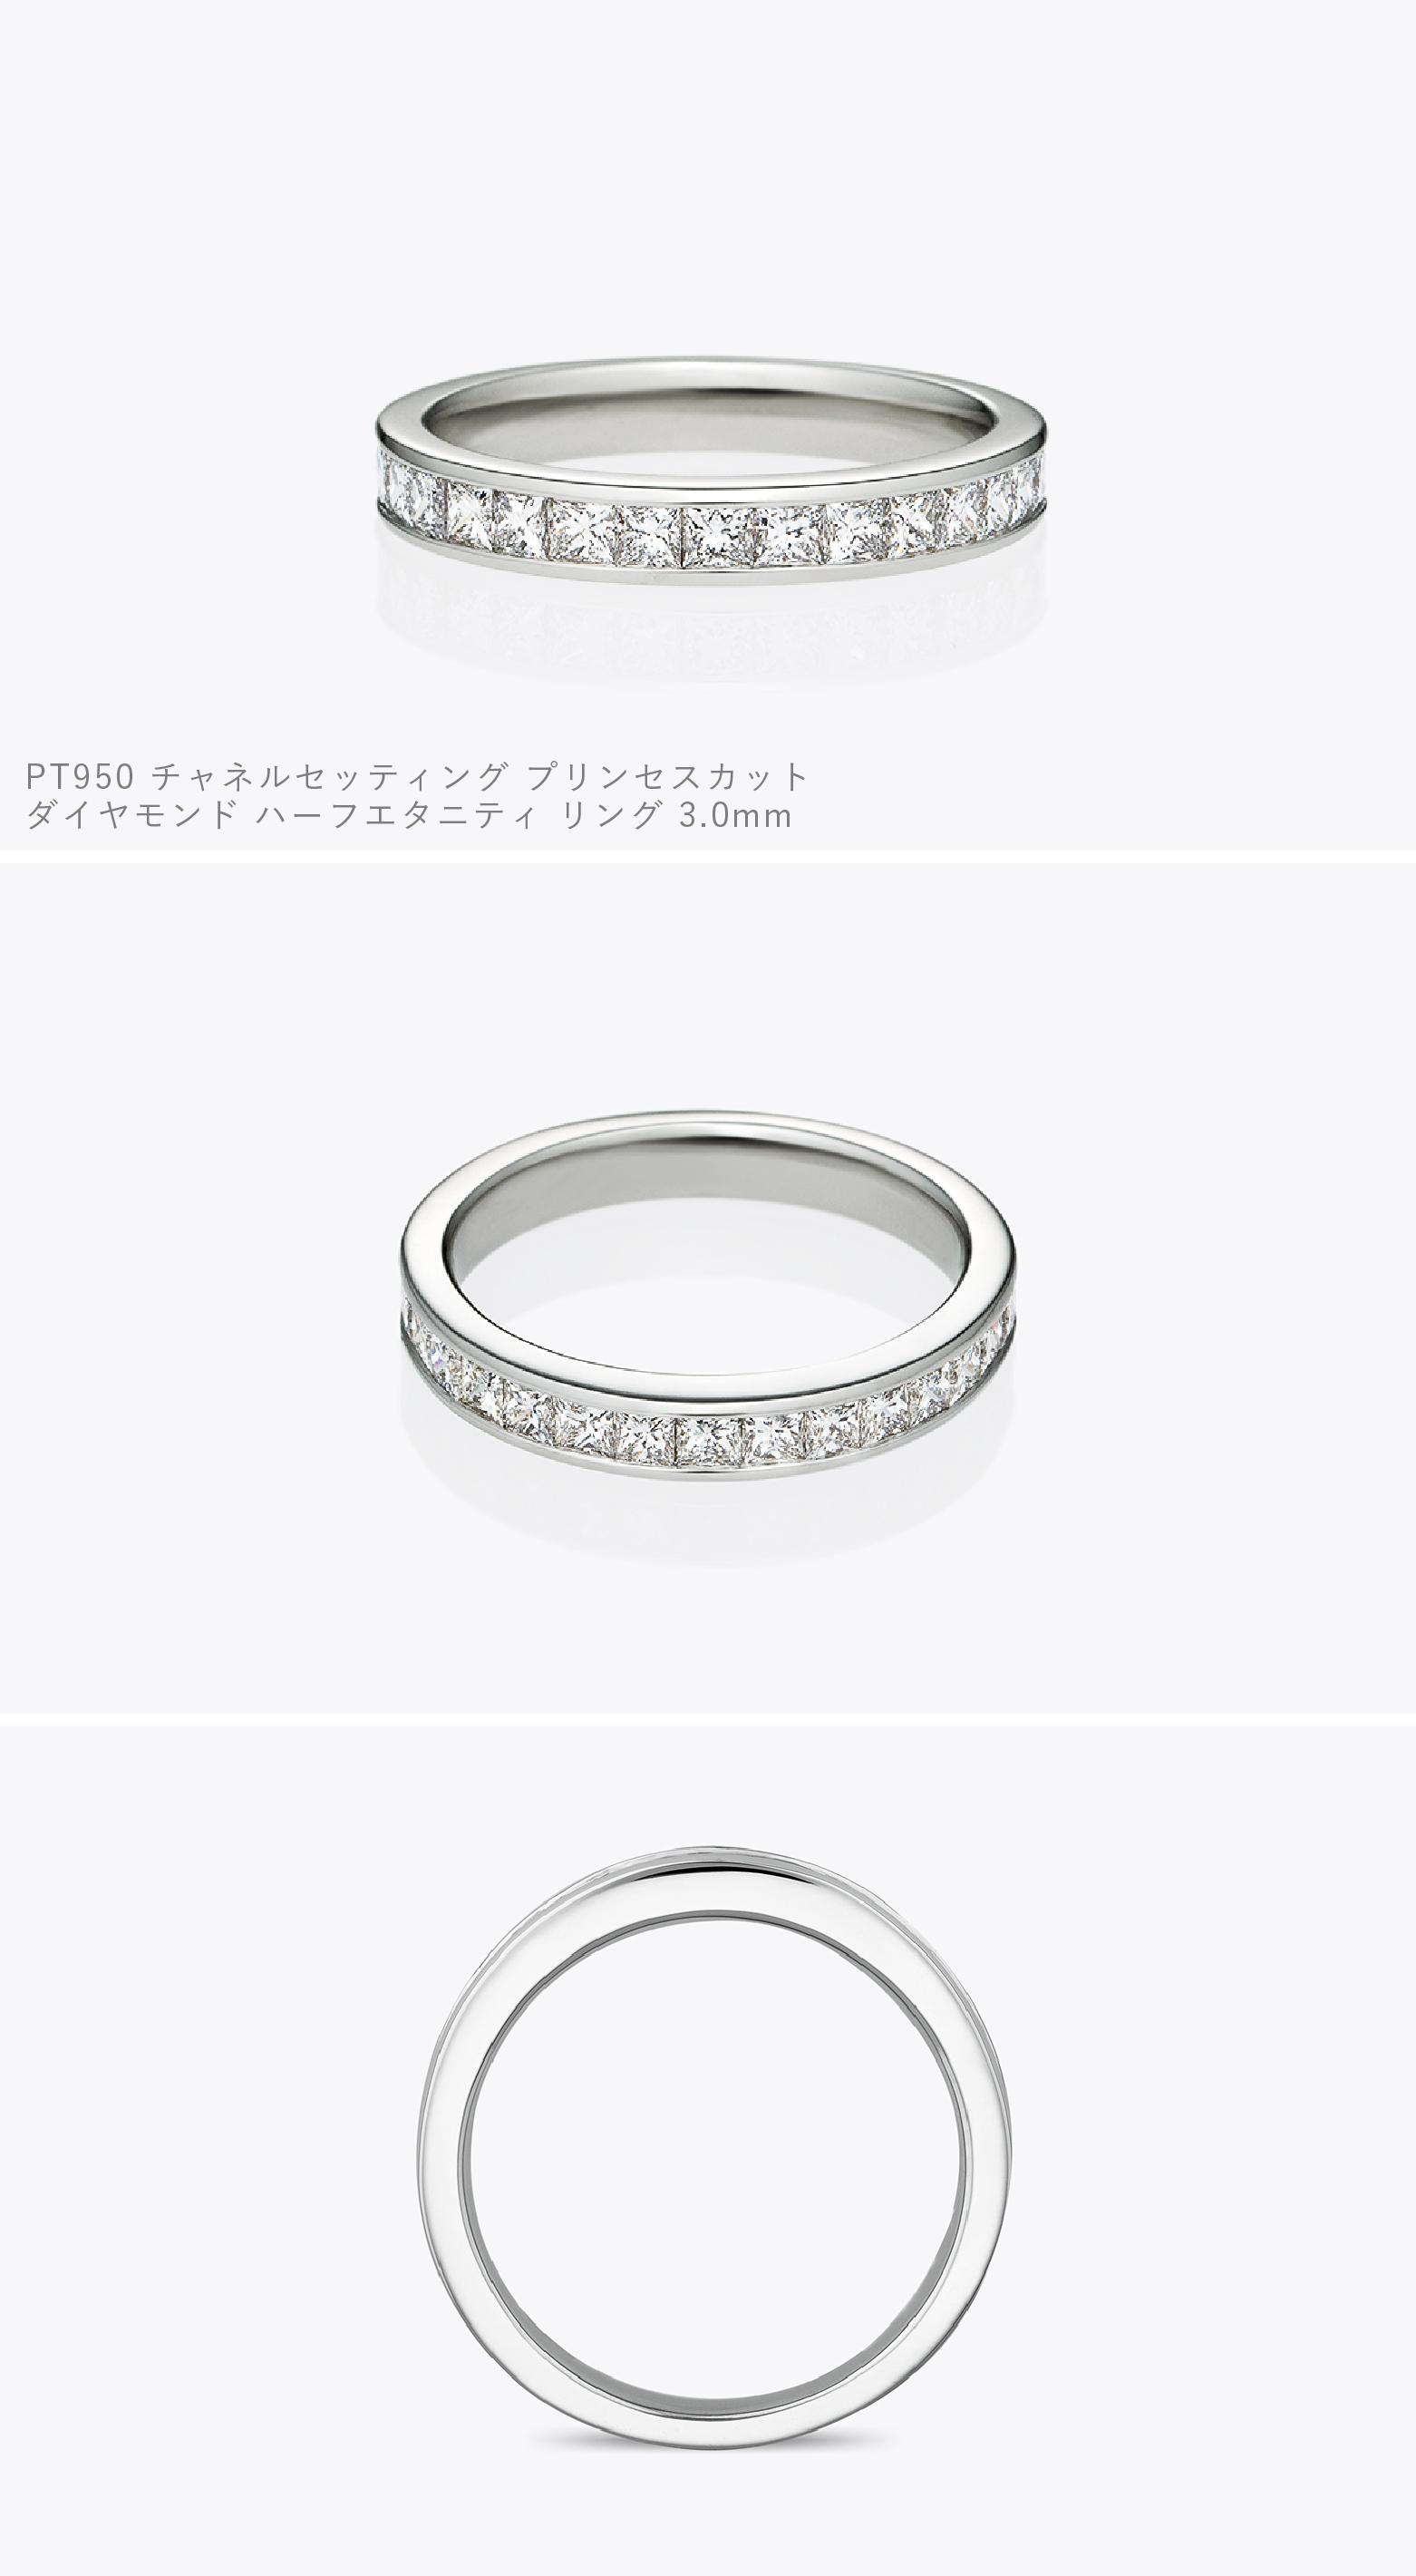 チャネルセッティングプリンセスカットダイヤモンドハーフエタニティリング 3.0mm